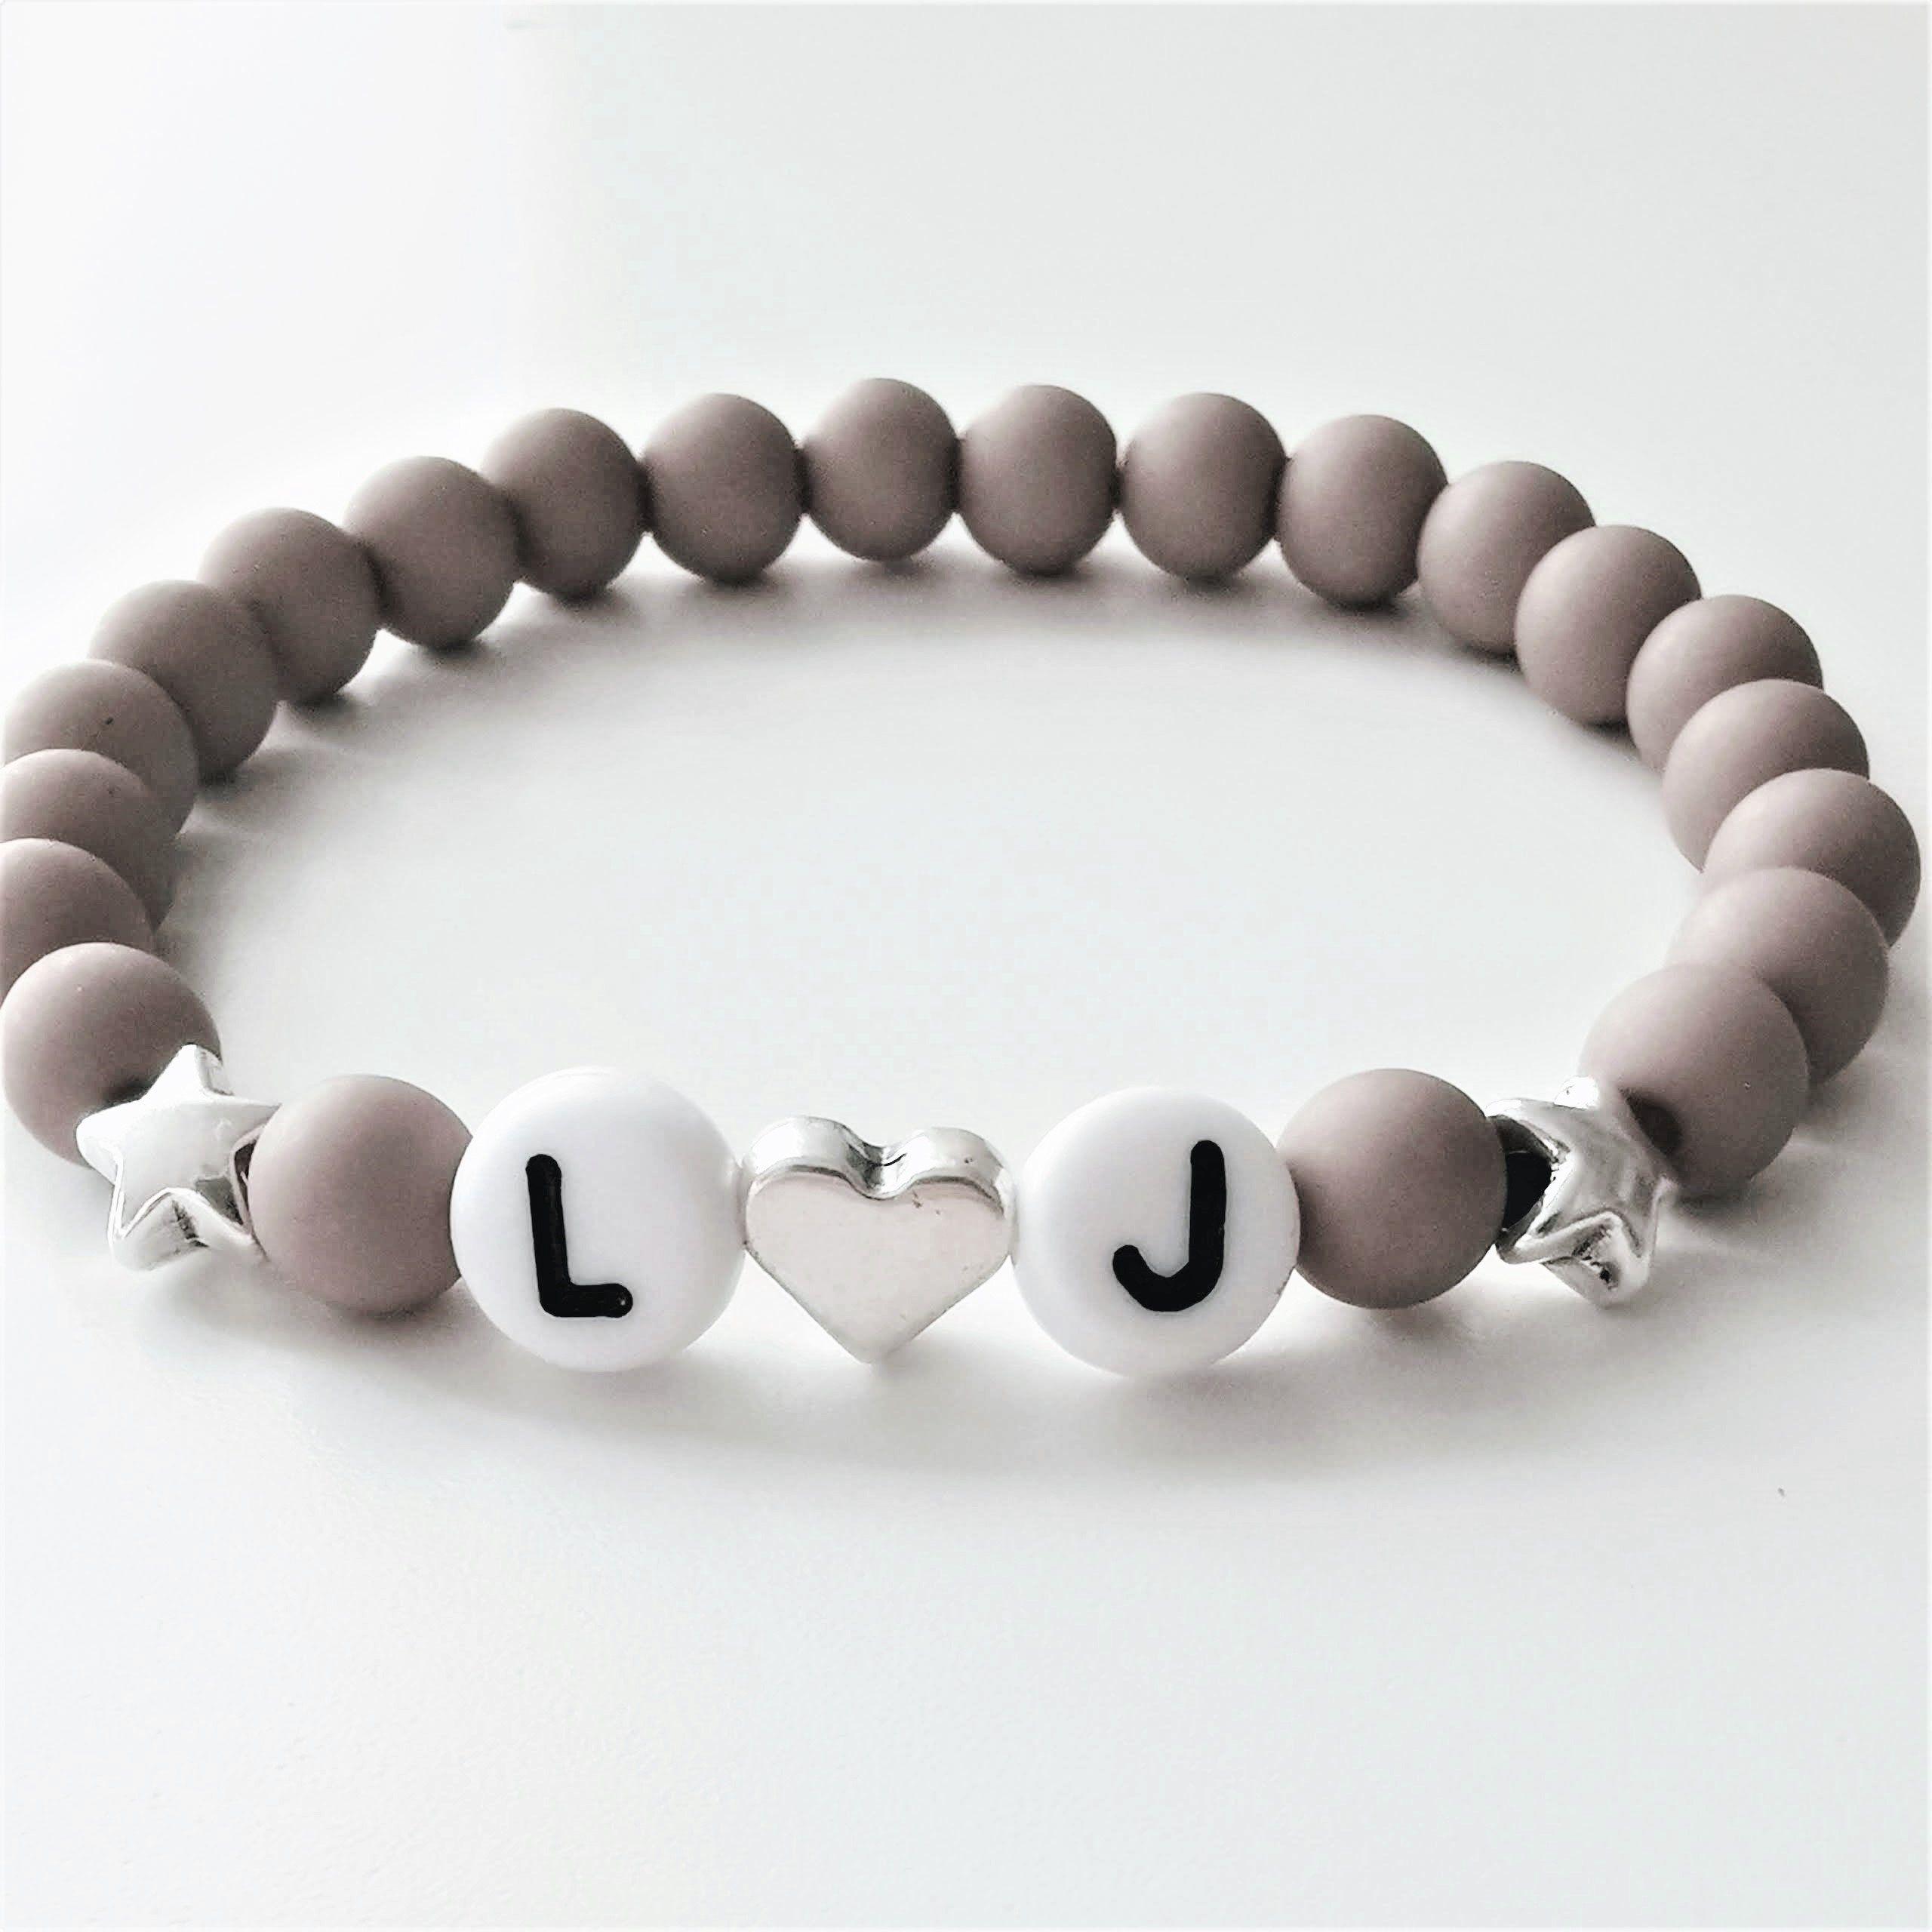 Personalisiert Schmuck für Mädchen,Armbänder mit Namen,Farbe /& Anhänger